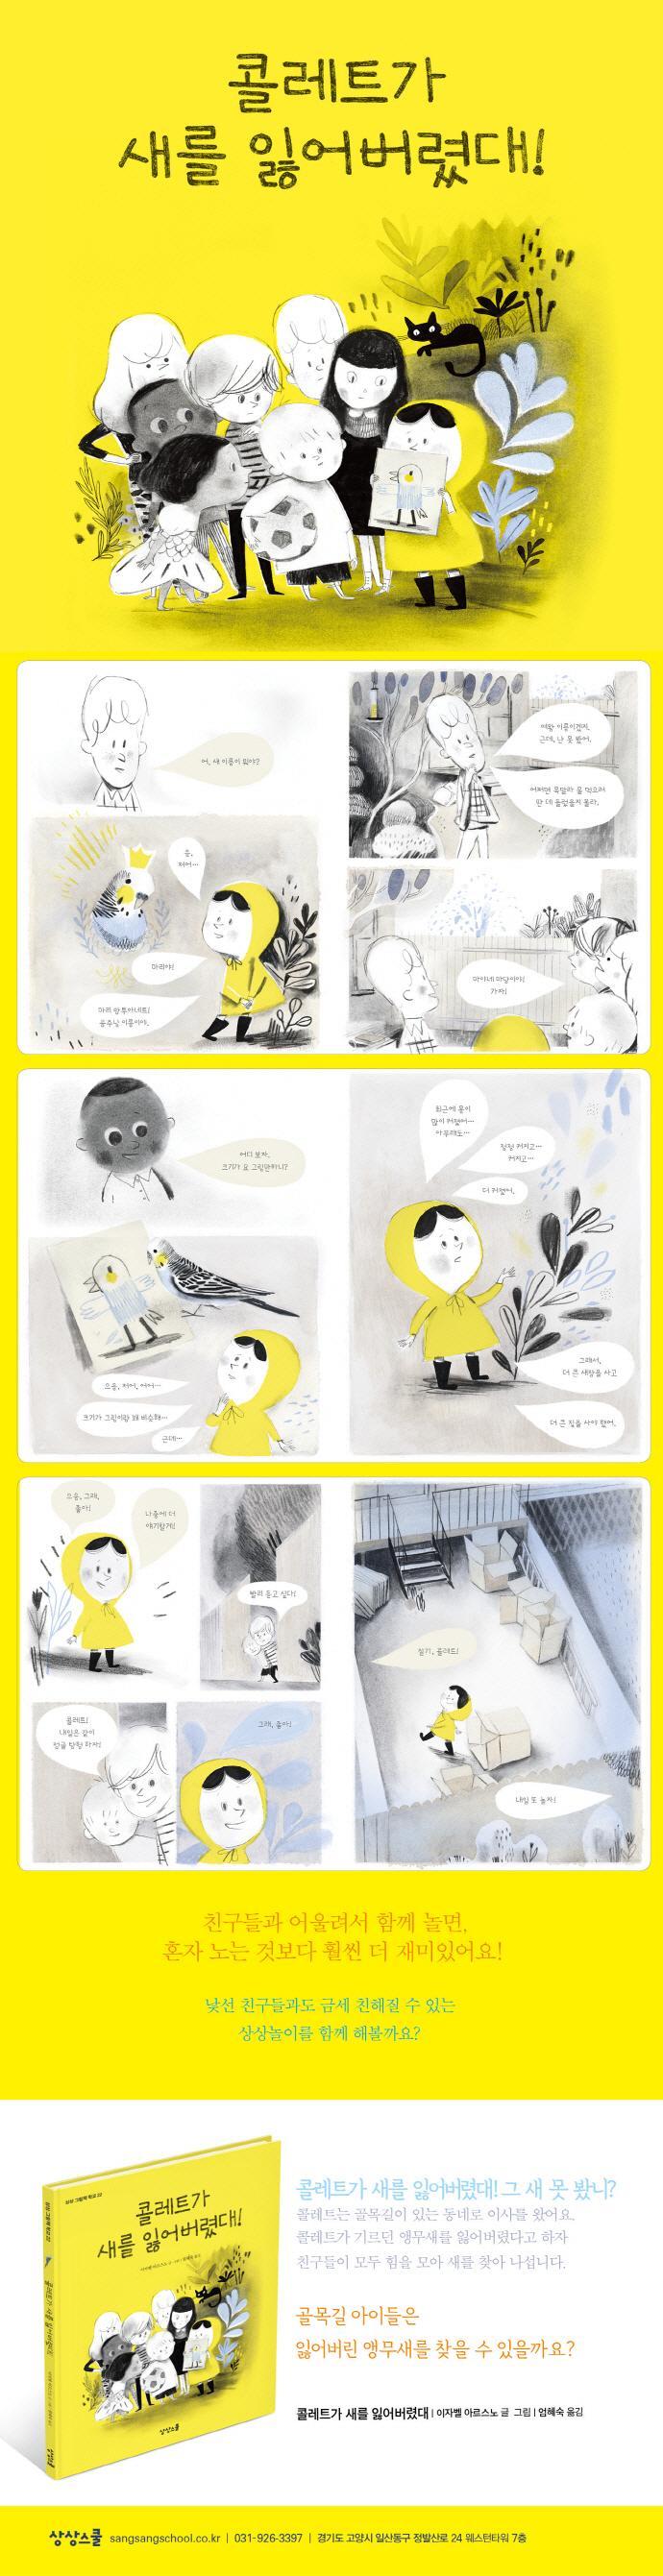 콜레트가 새를 잃어버렸대!(상상 그림책 학교 22)(양장본 HardCover) 도서 상세이미지